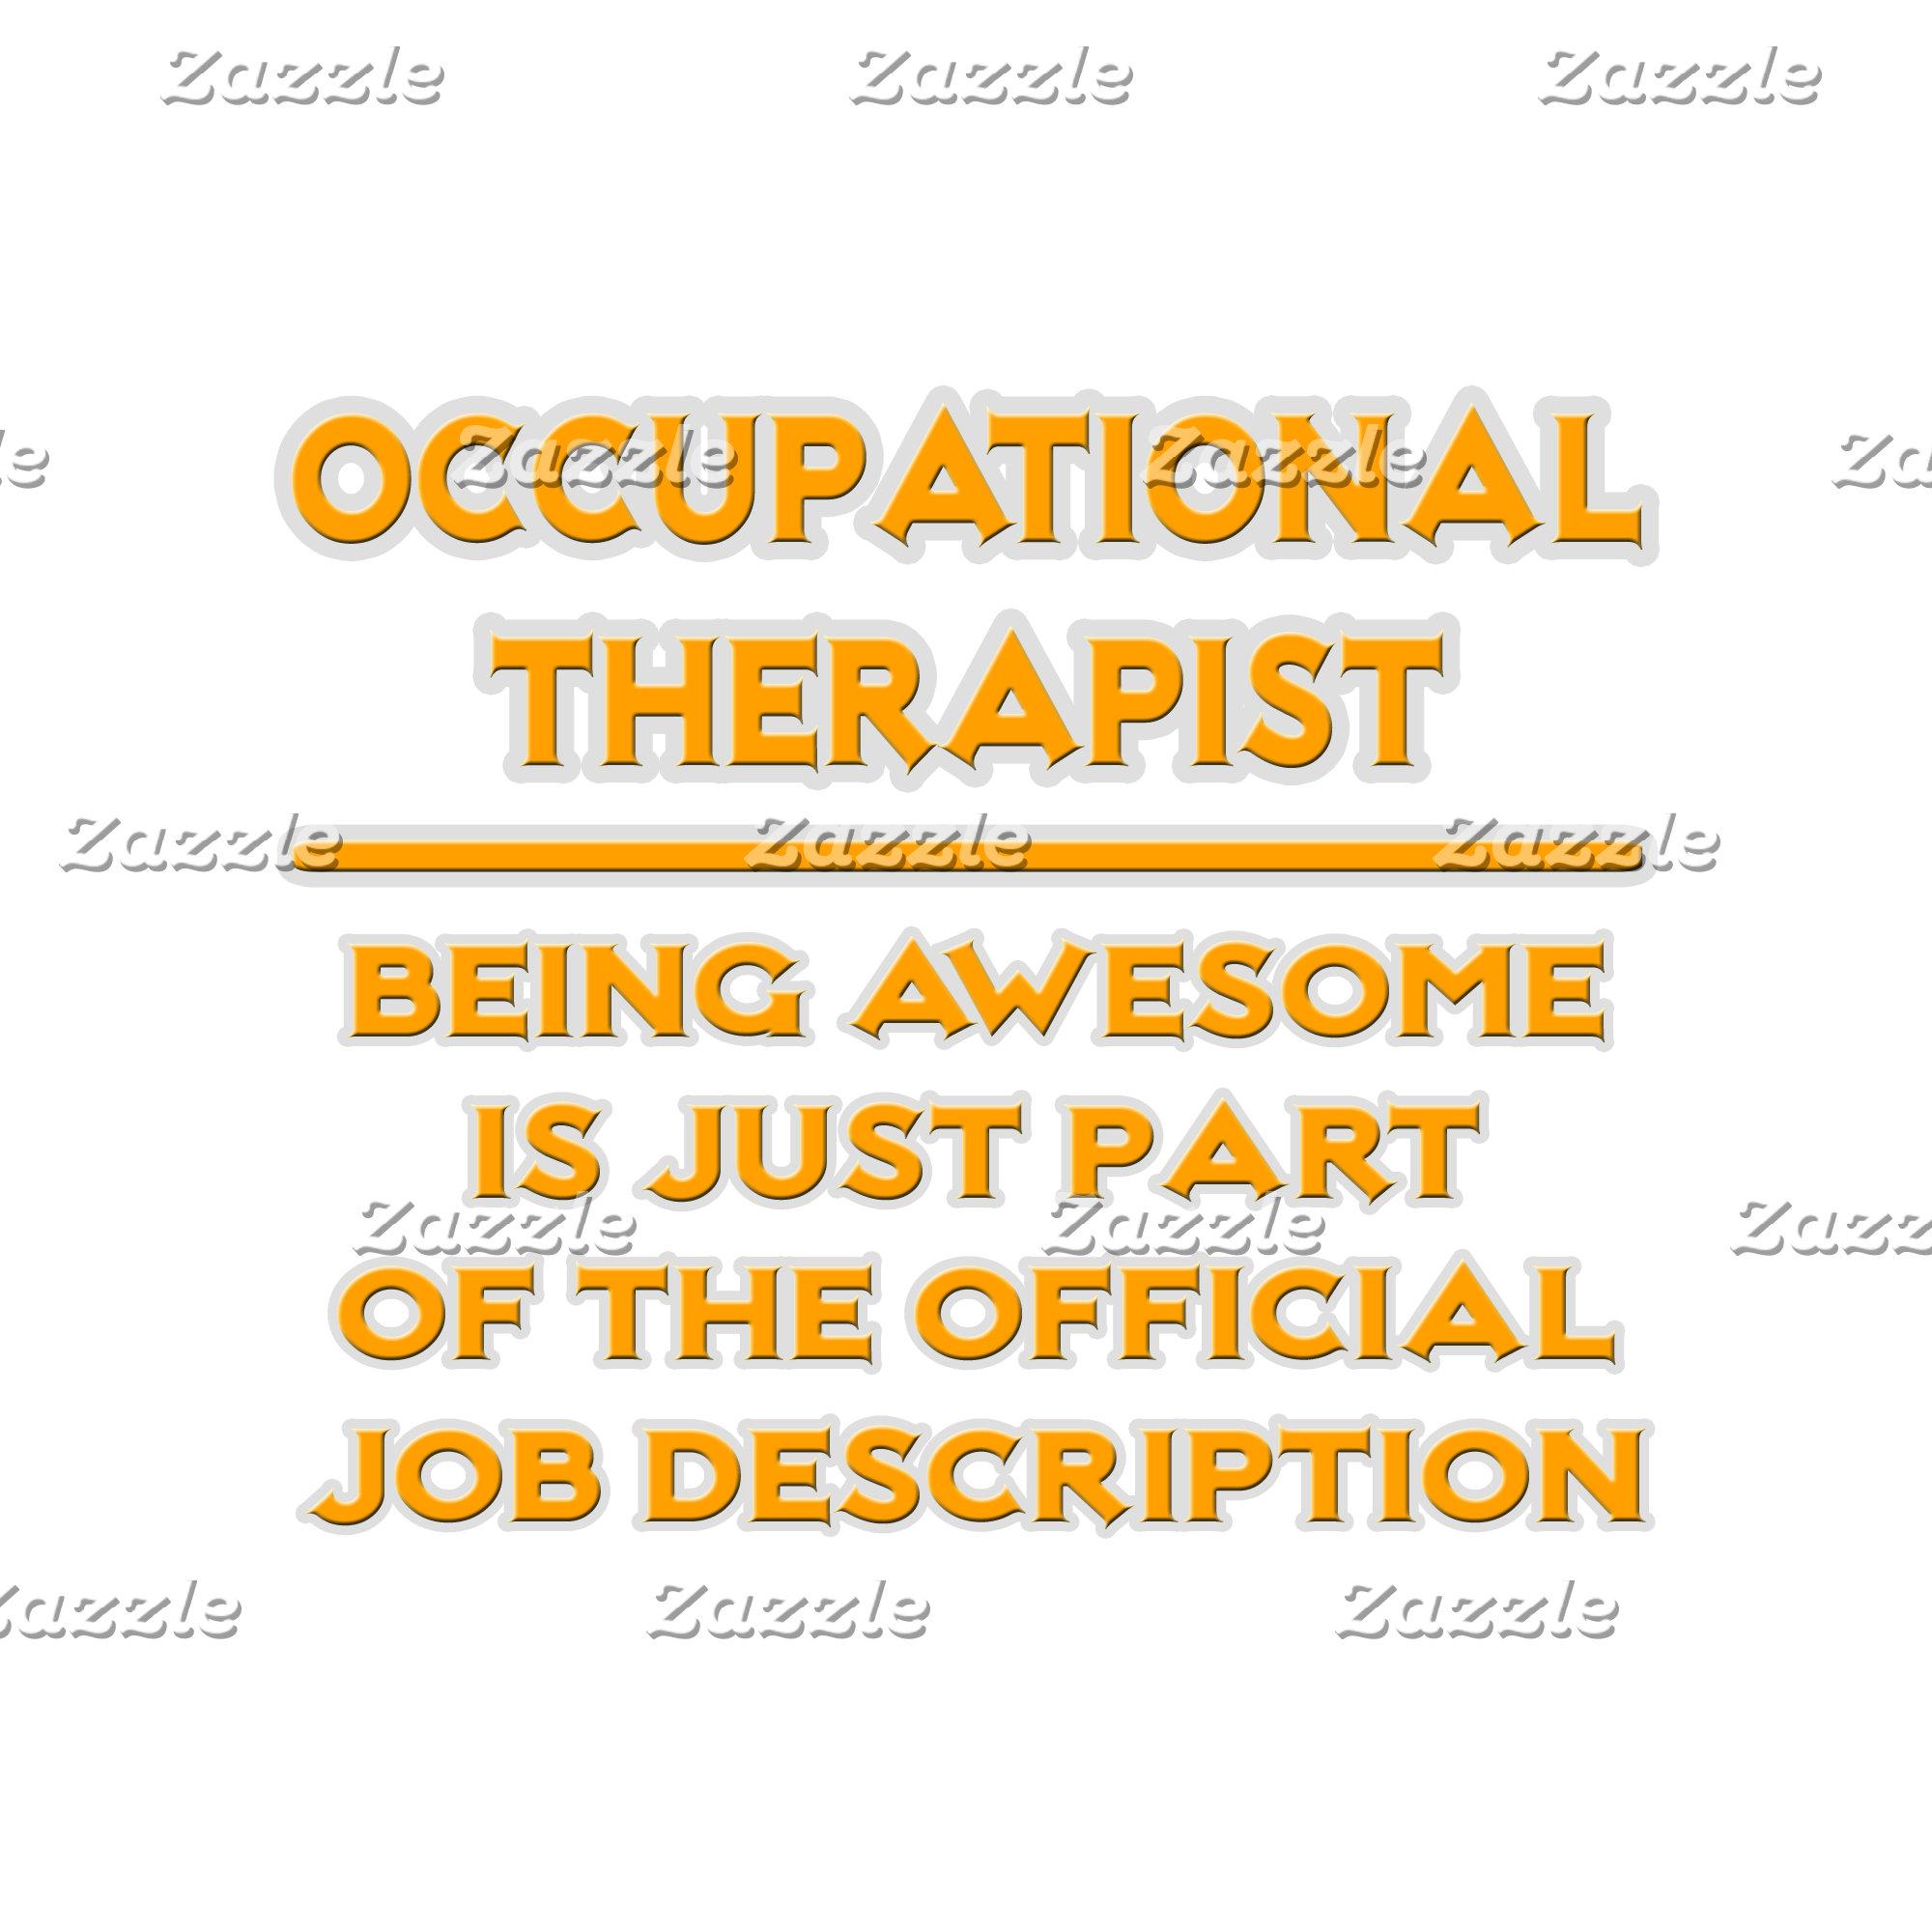 Occupational Therapist .. Official Job Description